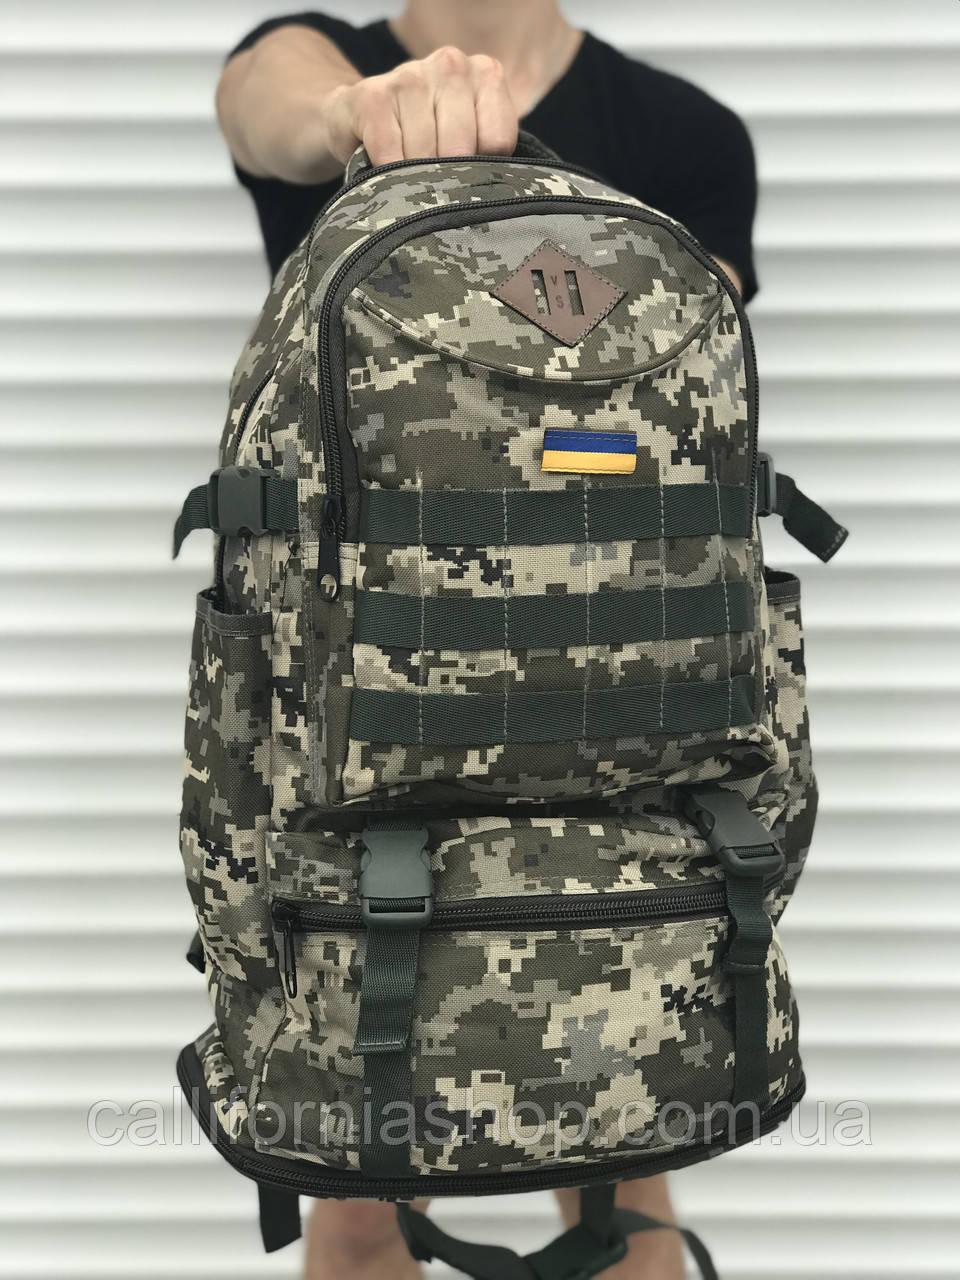 Рюкзак камуфляжный мужской трансформер с раздвижным дном на 45 литров с системой Молли MOLLE